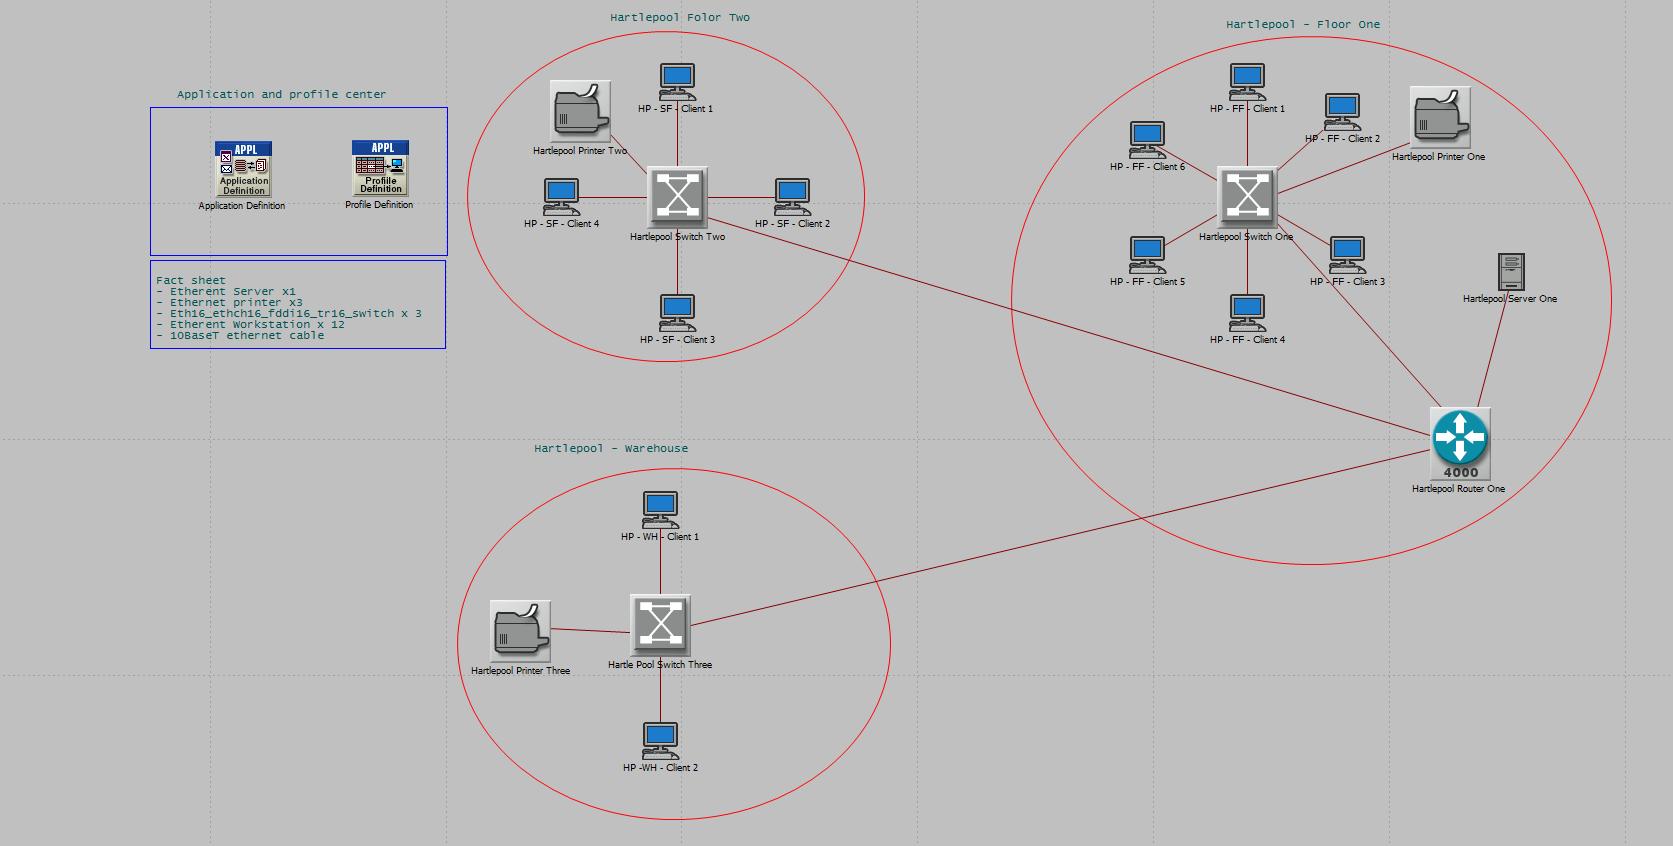 hight resolution of final hartlepol start topology